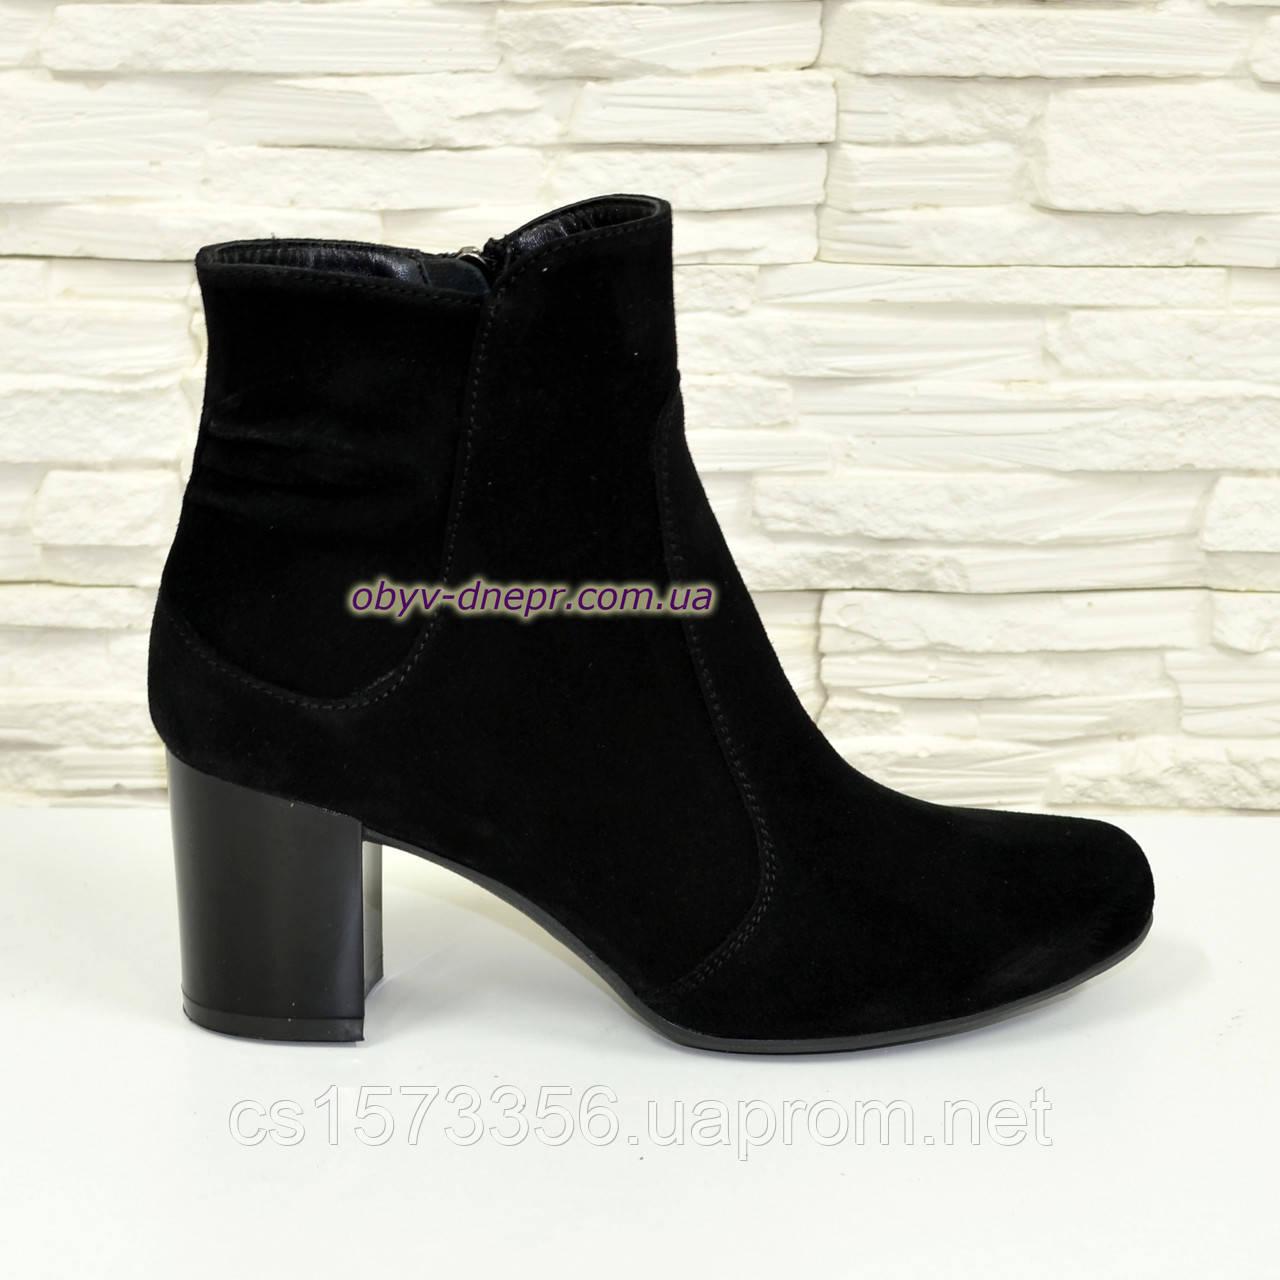 Полуботинки женские замшевые демисезонные на невысоком каблуке, черный цвет.